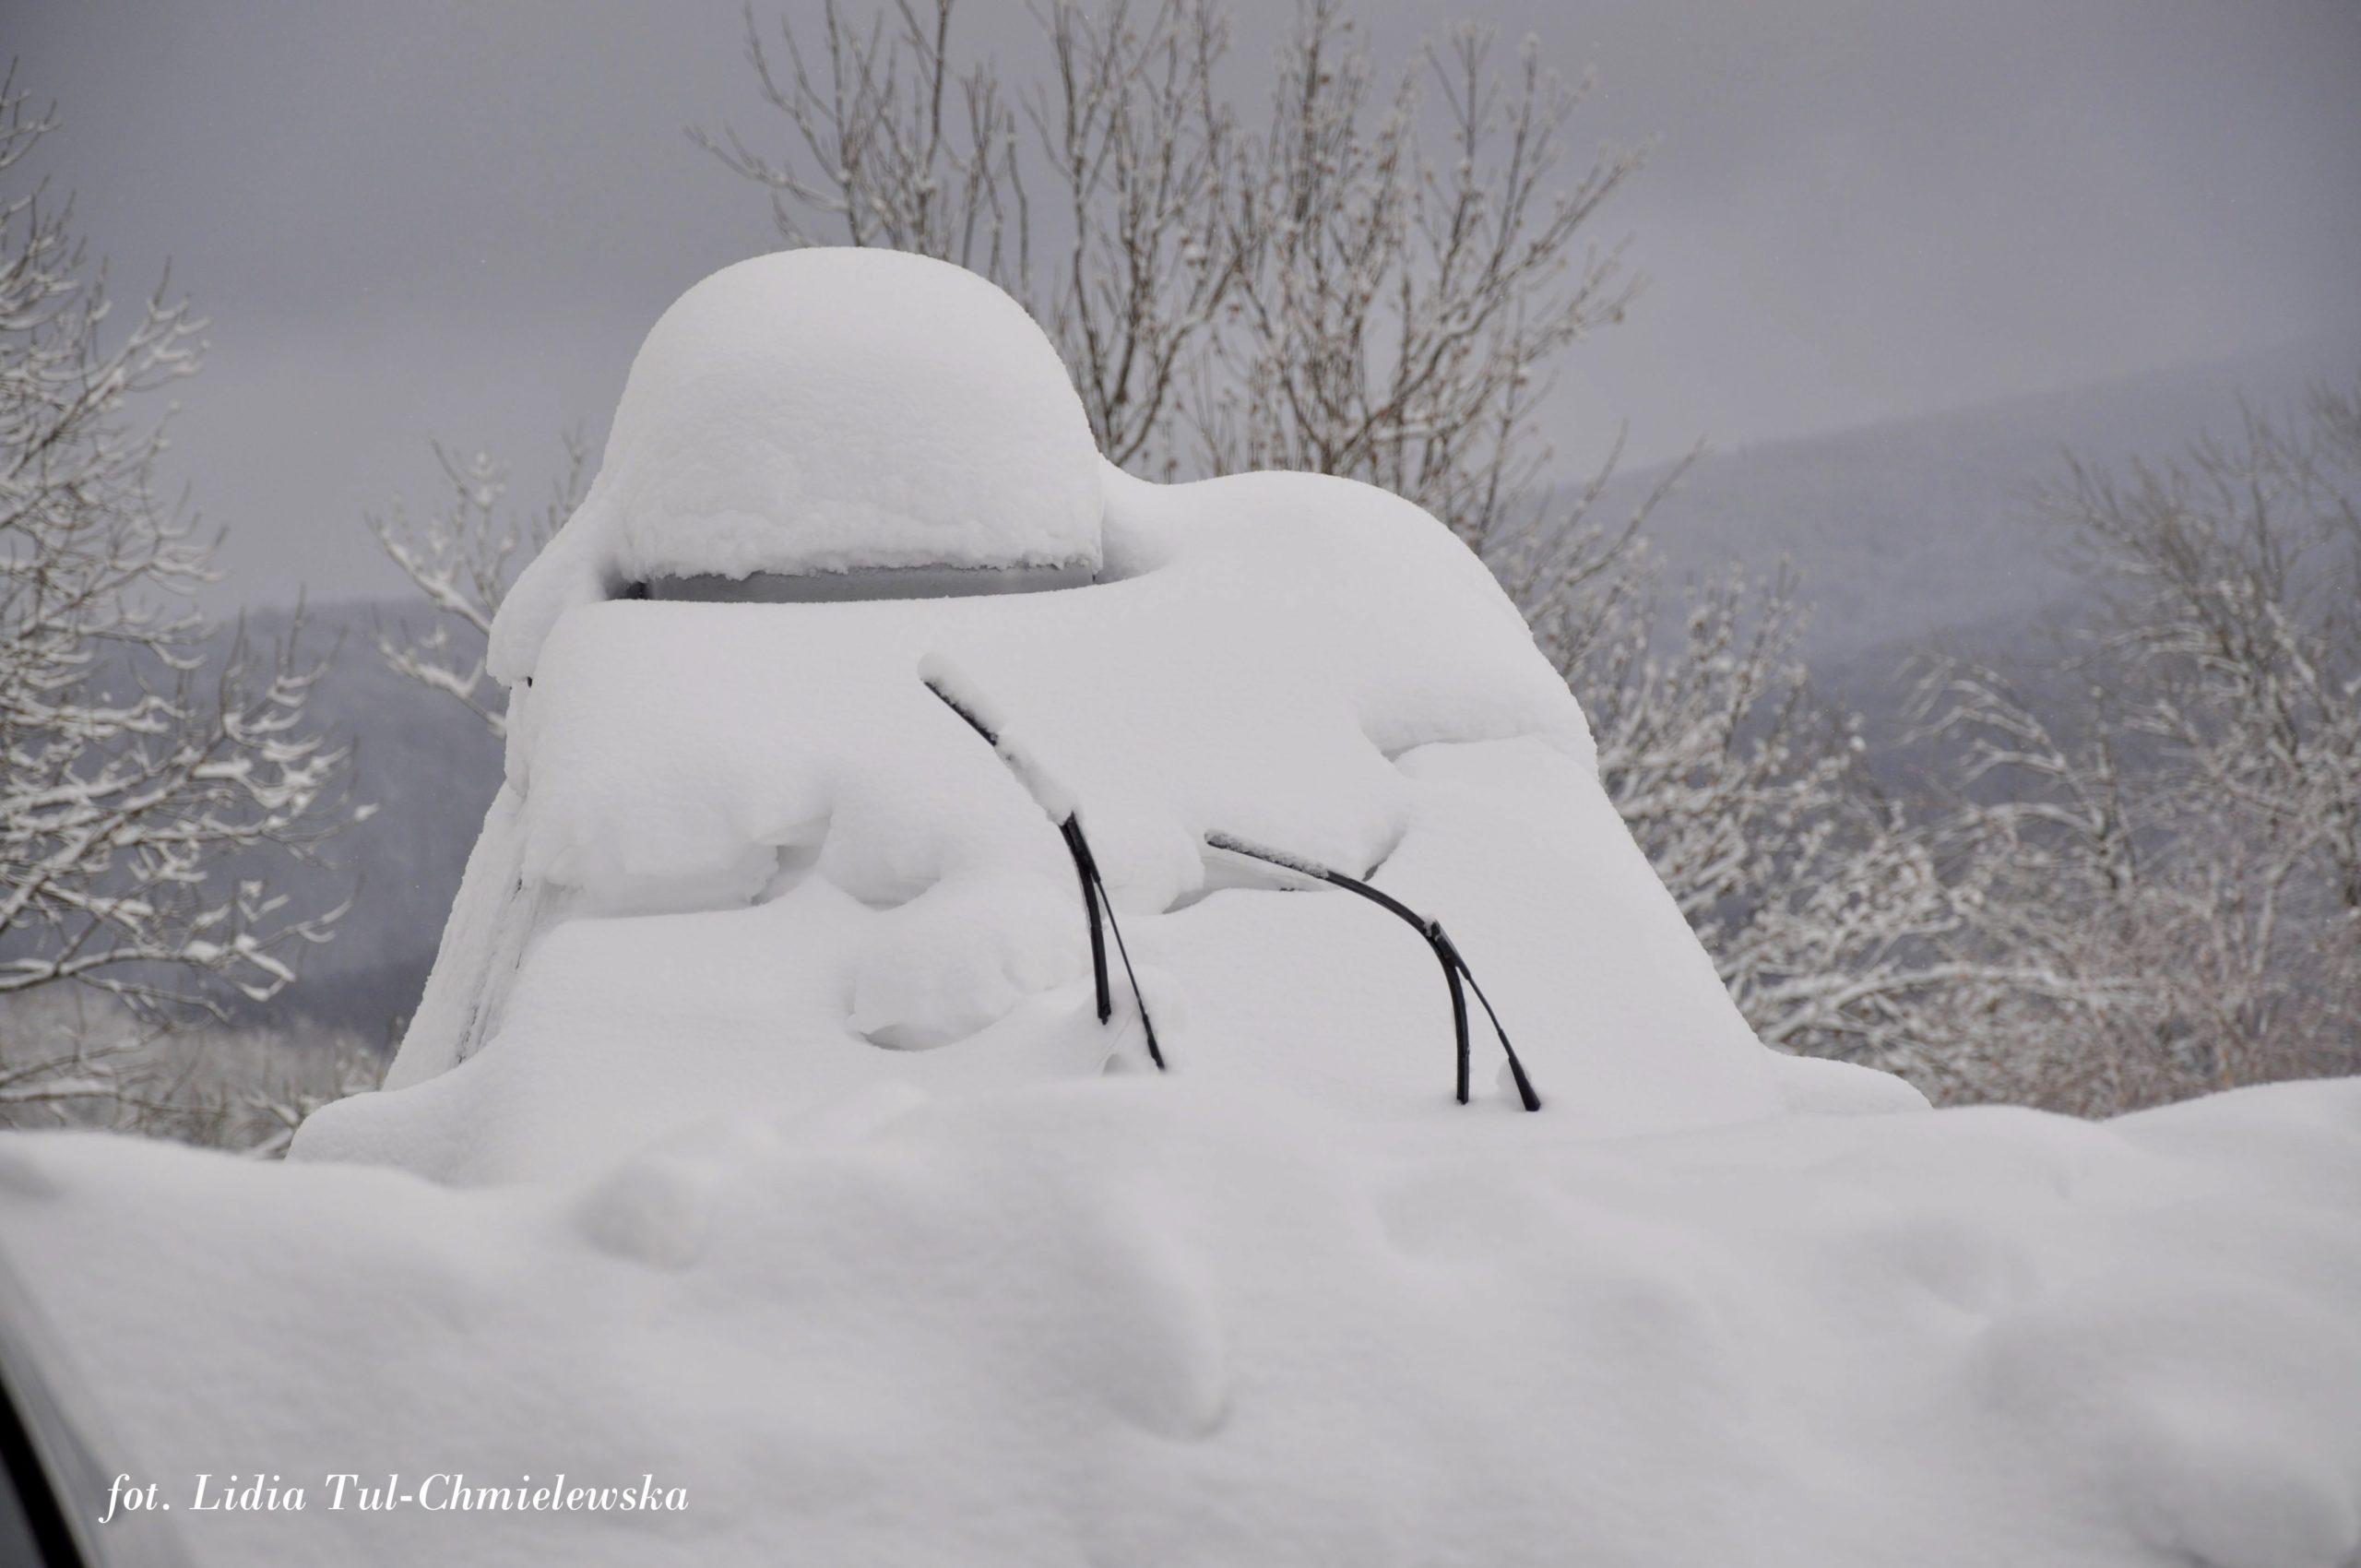 W Bieszczadach bywa i taka zima fot. Lidia Tul-Chmielewska